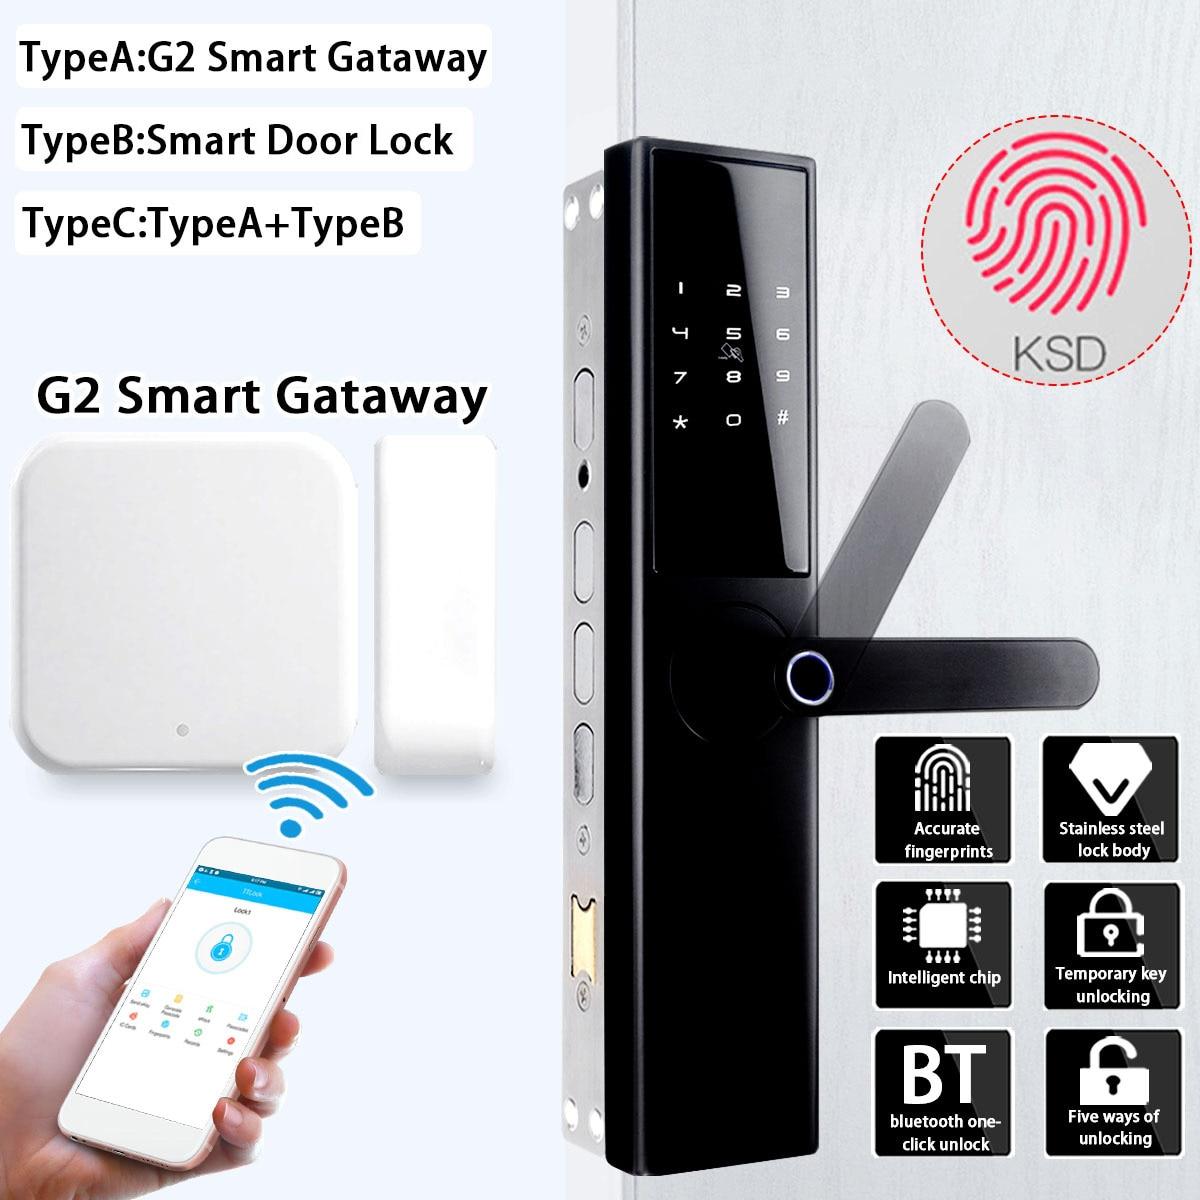 Умный дверной замок интеллектуальный электронный замок проверка отпечатков пальцев с bluetooth картой приложение ключ 5 способов с G2 умный шлюз